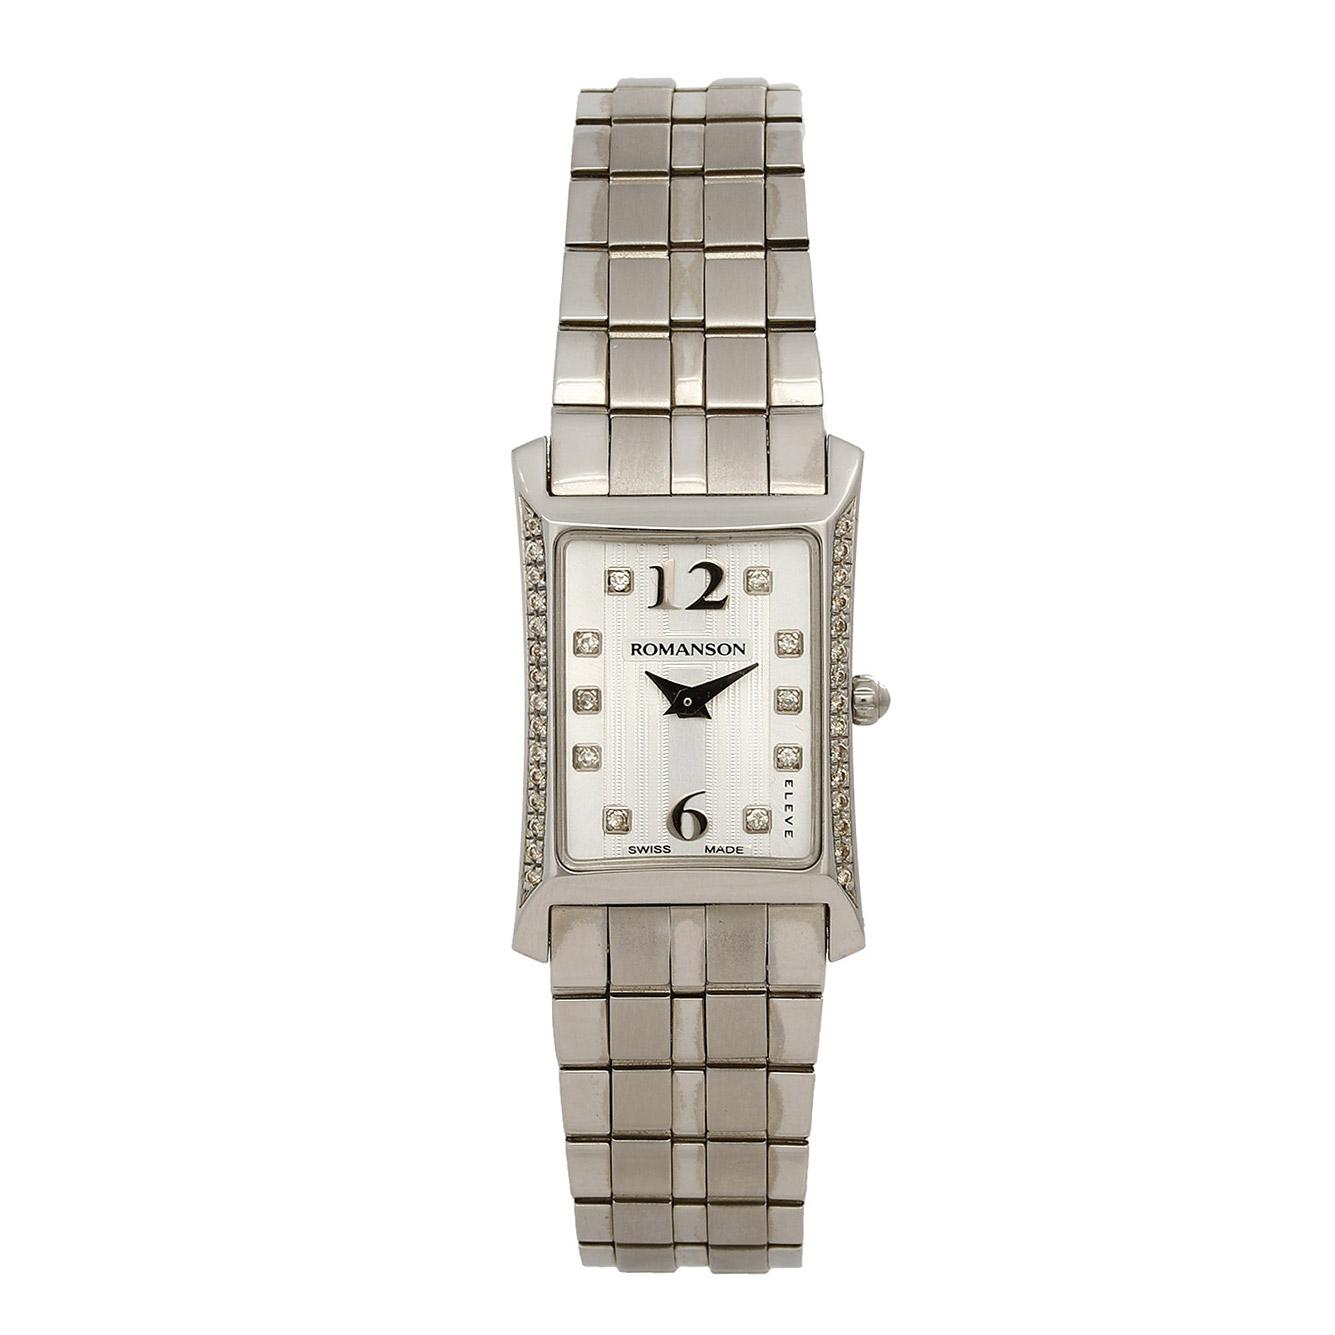 ساعت مچی عقربه ای زنانه رومانسون مدل EM5164KL1WAS2W